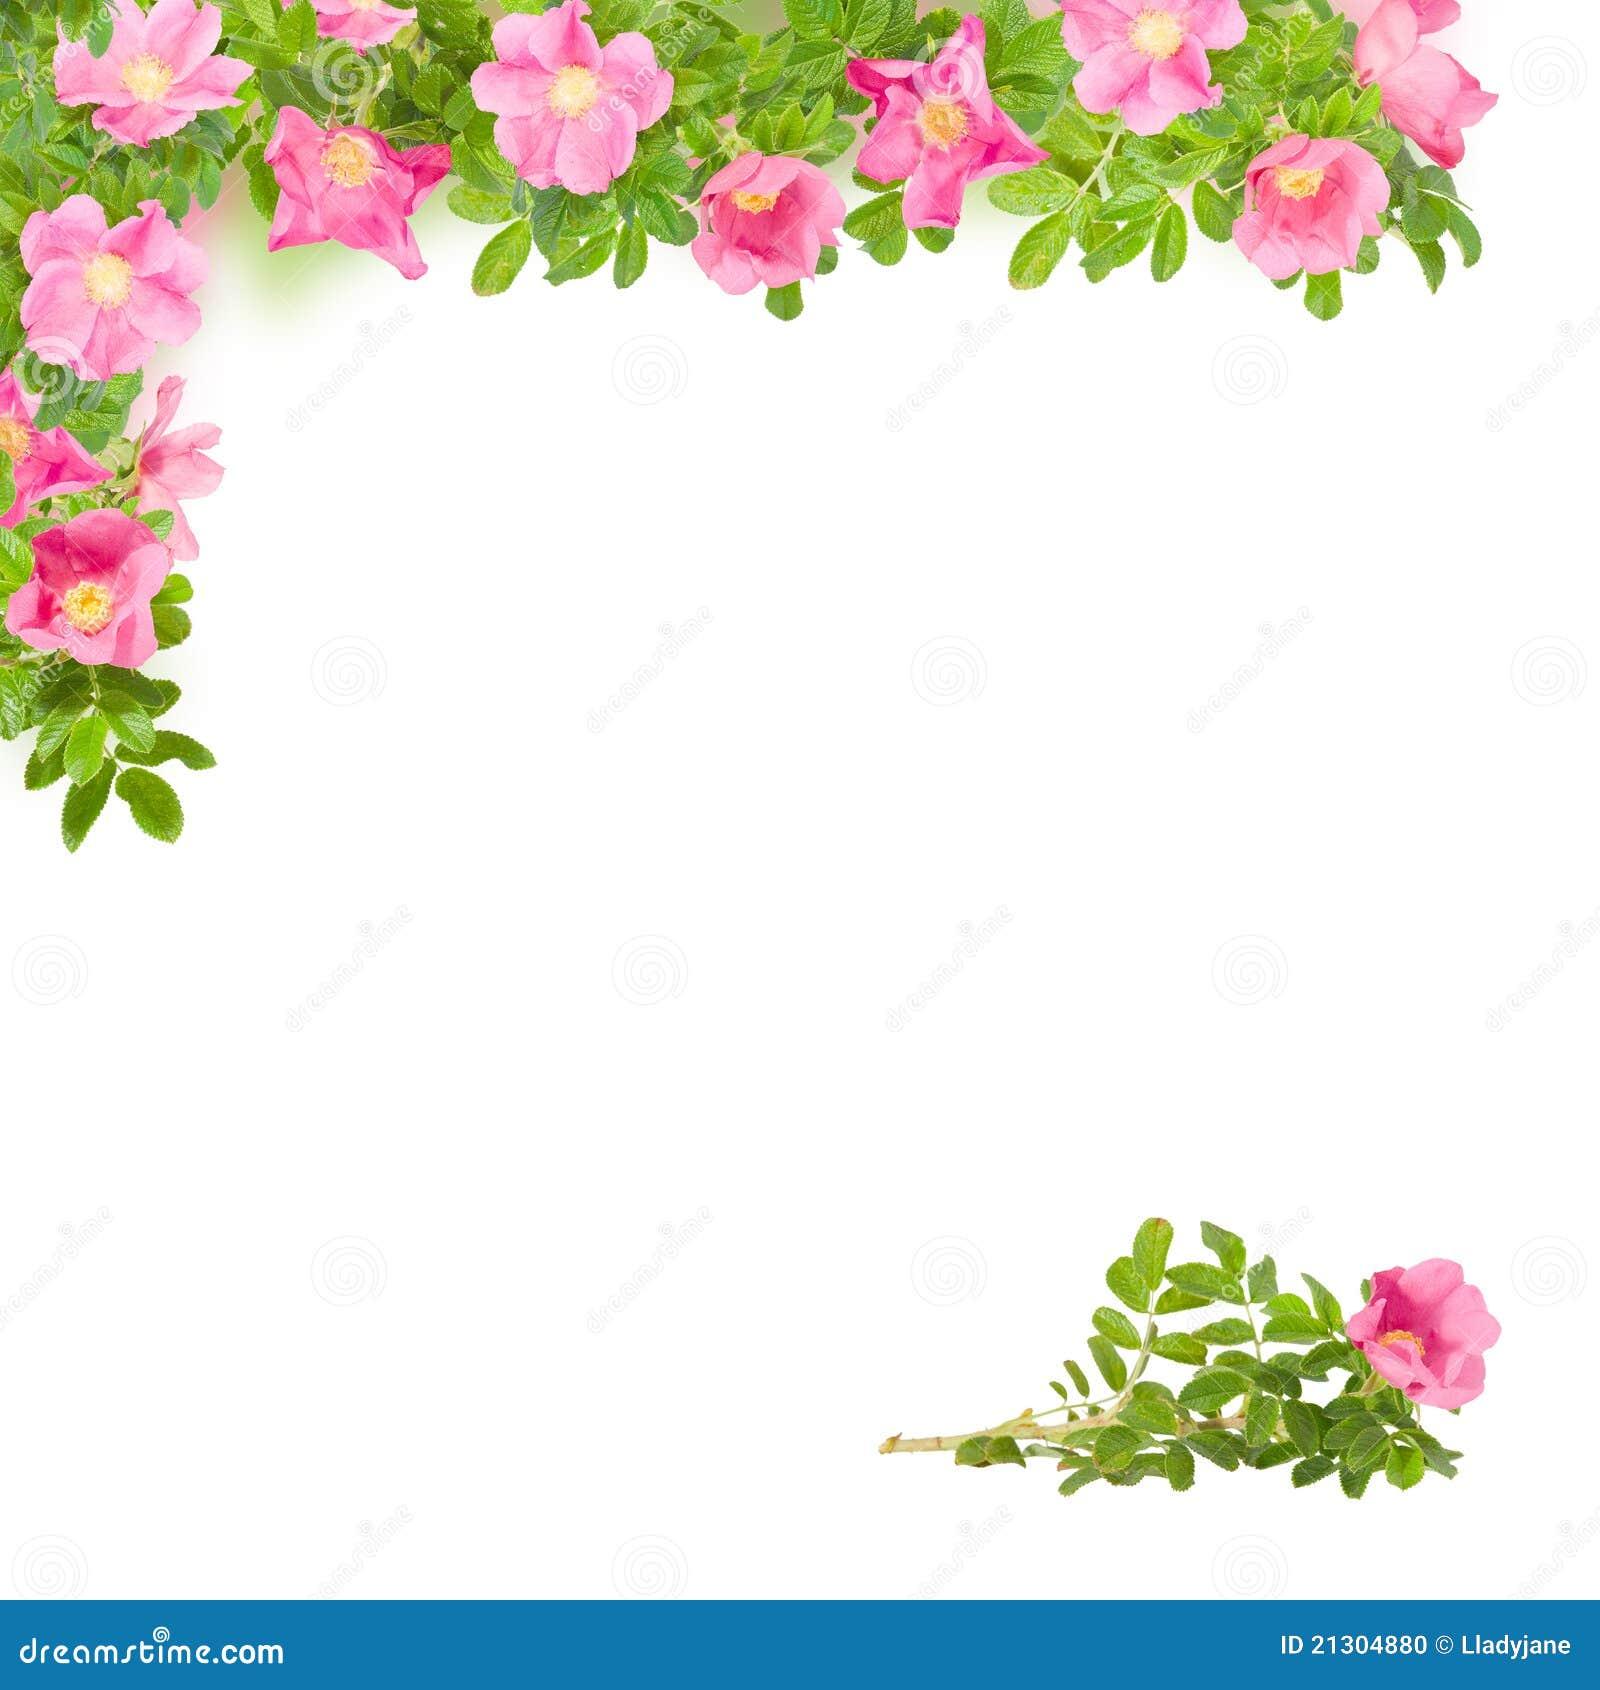 نقاشی حاشیه گل Square Floral Frame With Pink Briar Stock Photo - Image ...